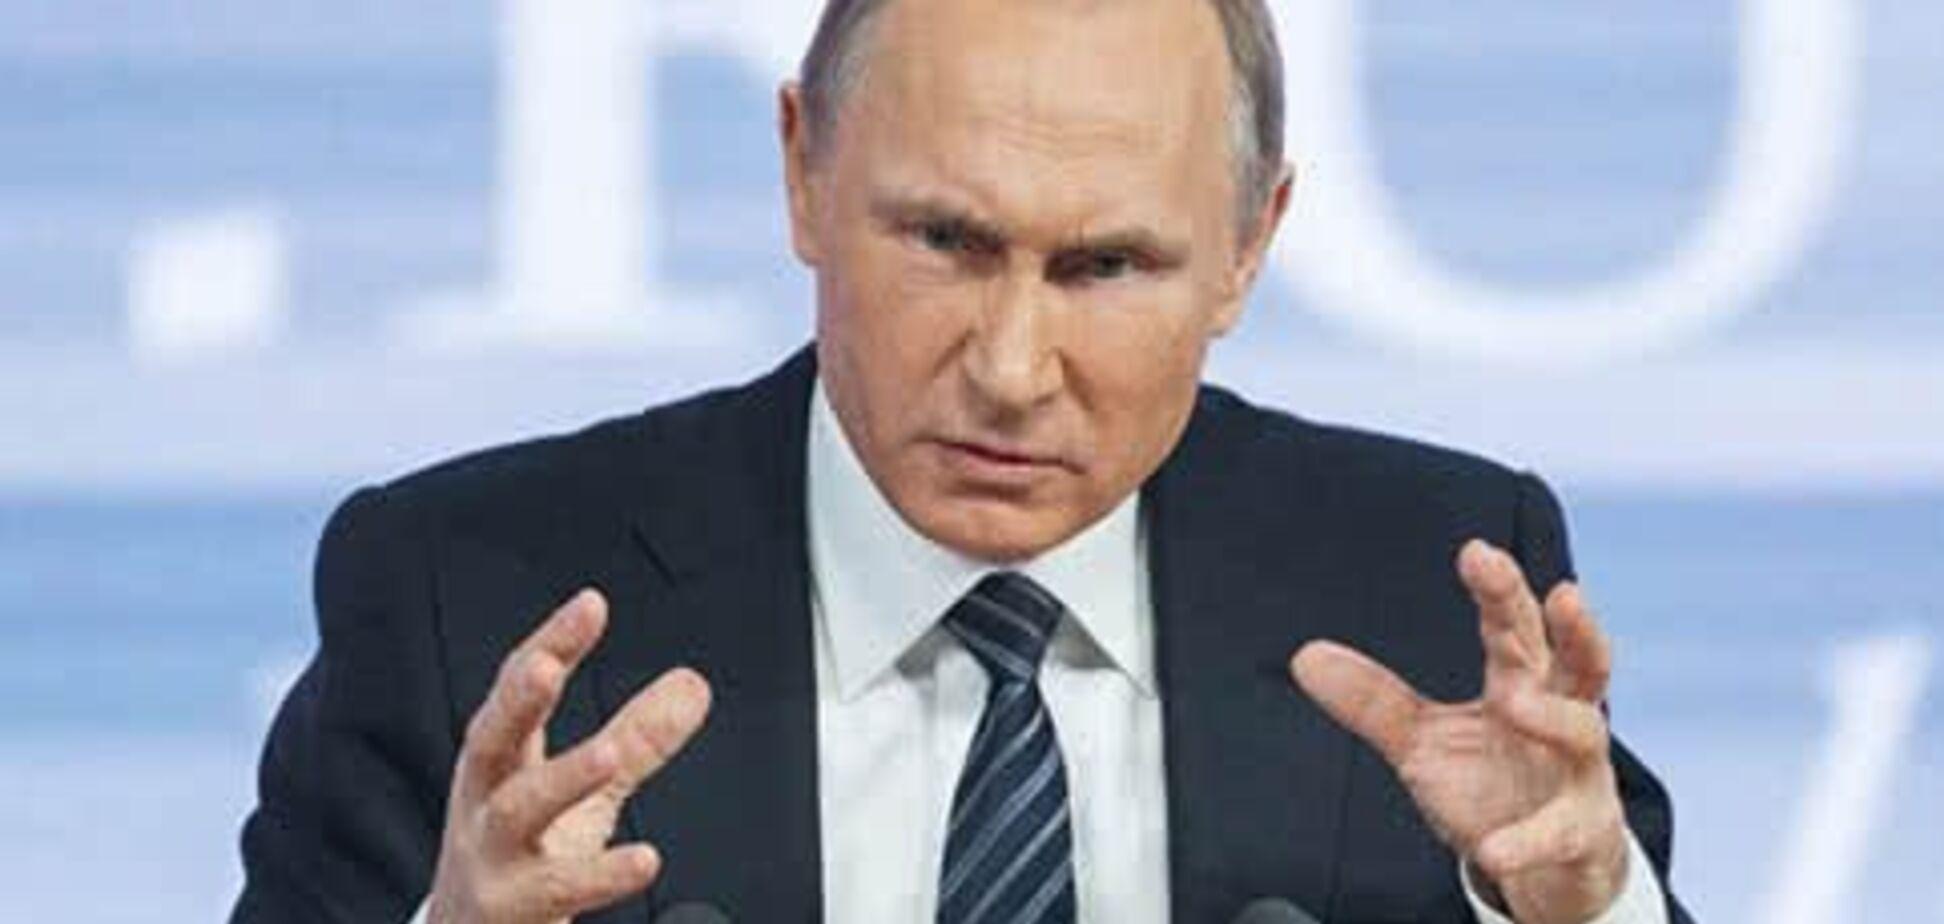 'Піде, як Єльцин!' З'явився сценарій транзиту влади Путіна в Росії